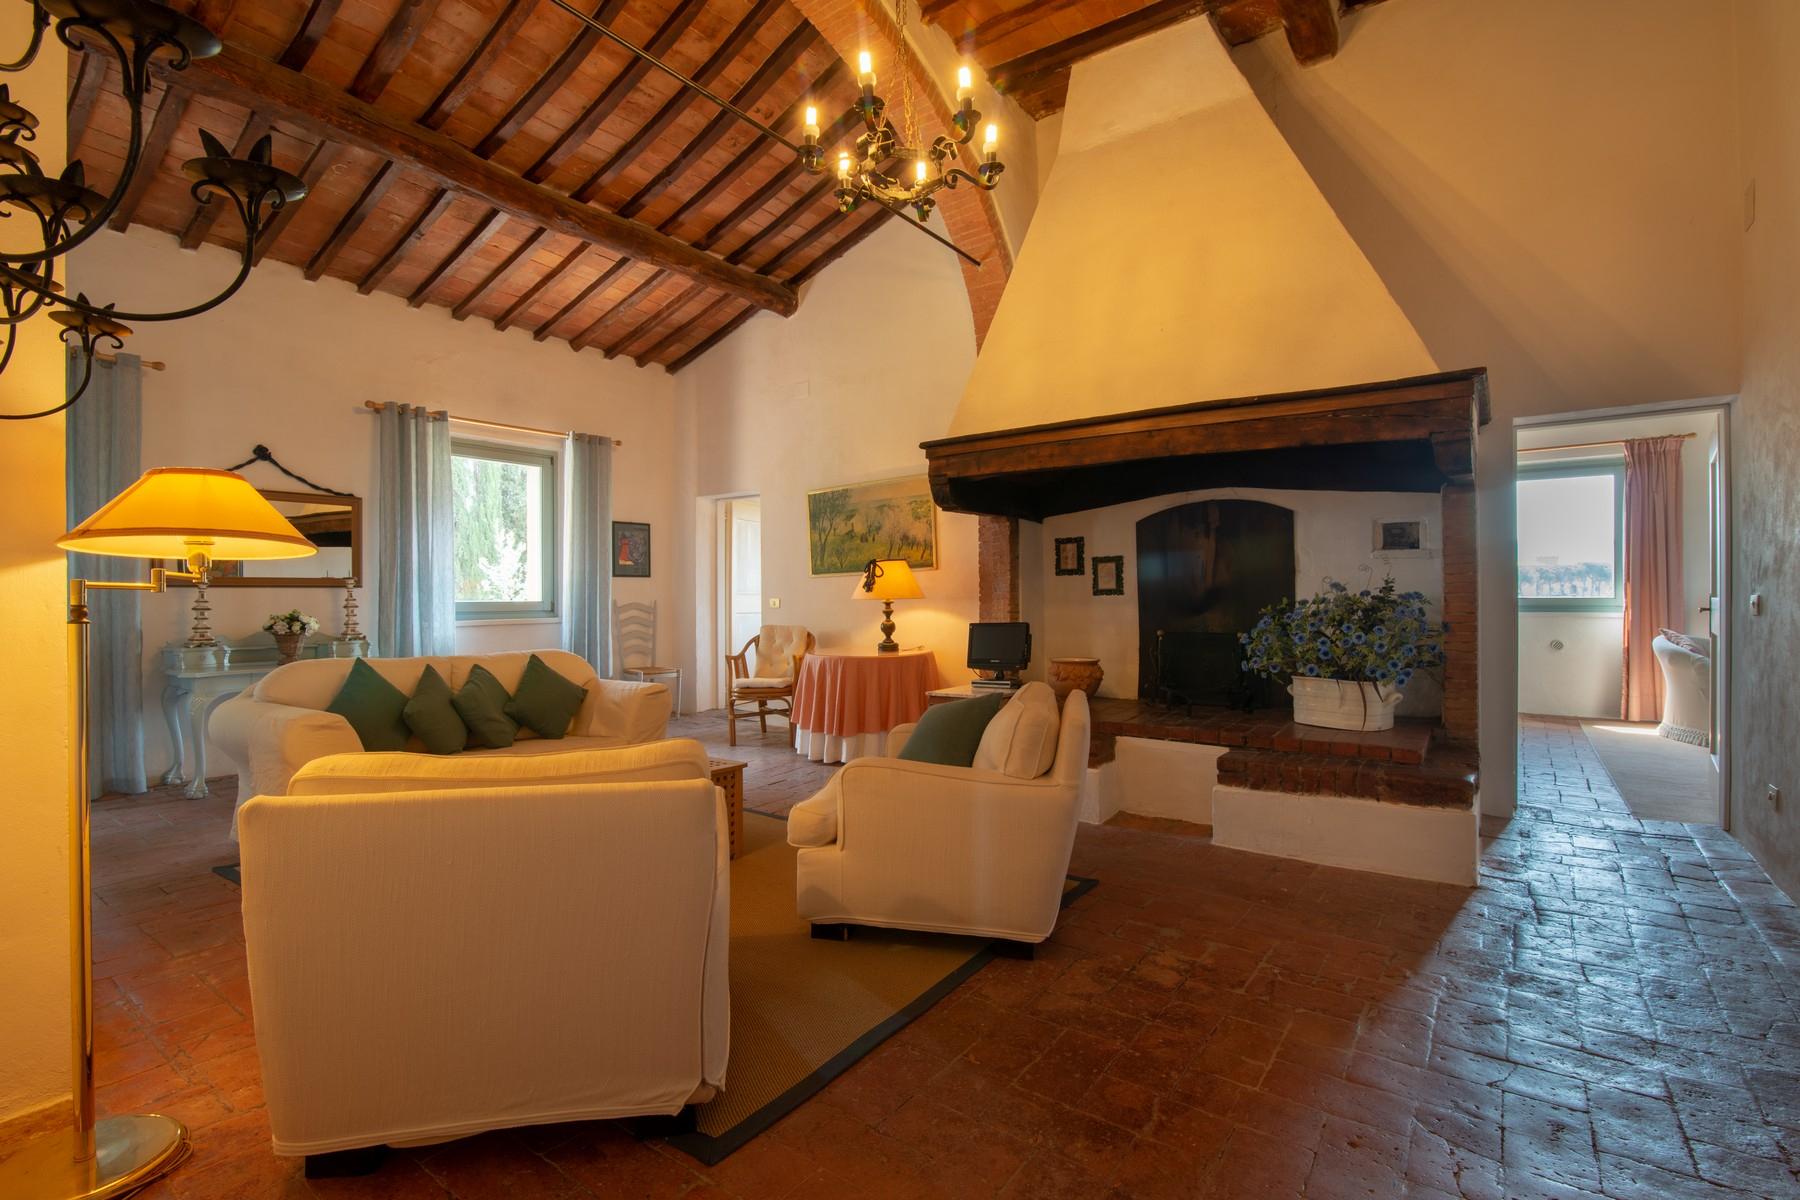 Rustico in Vendita a San Gimignano: 5 locali, 615 mq - Foto 7